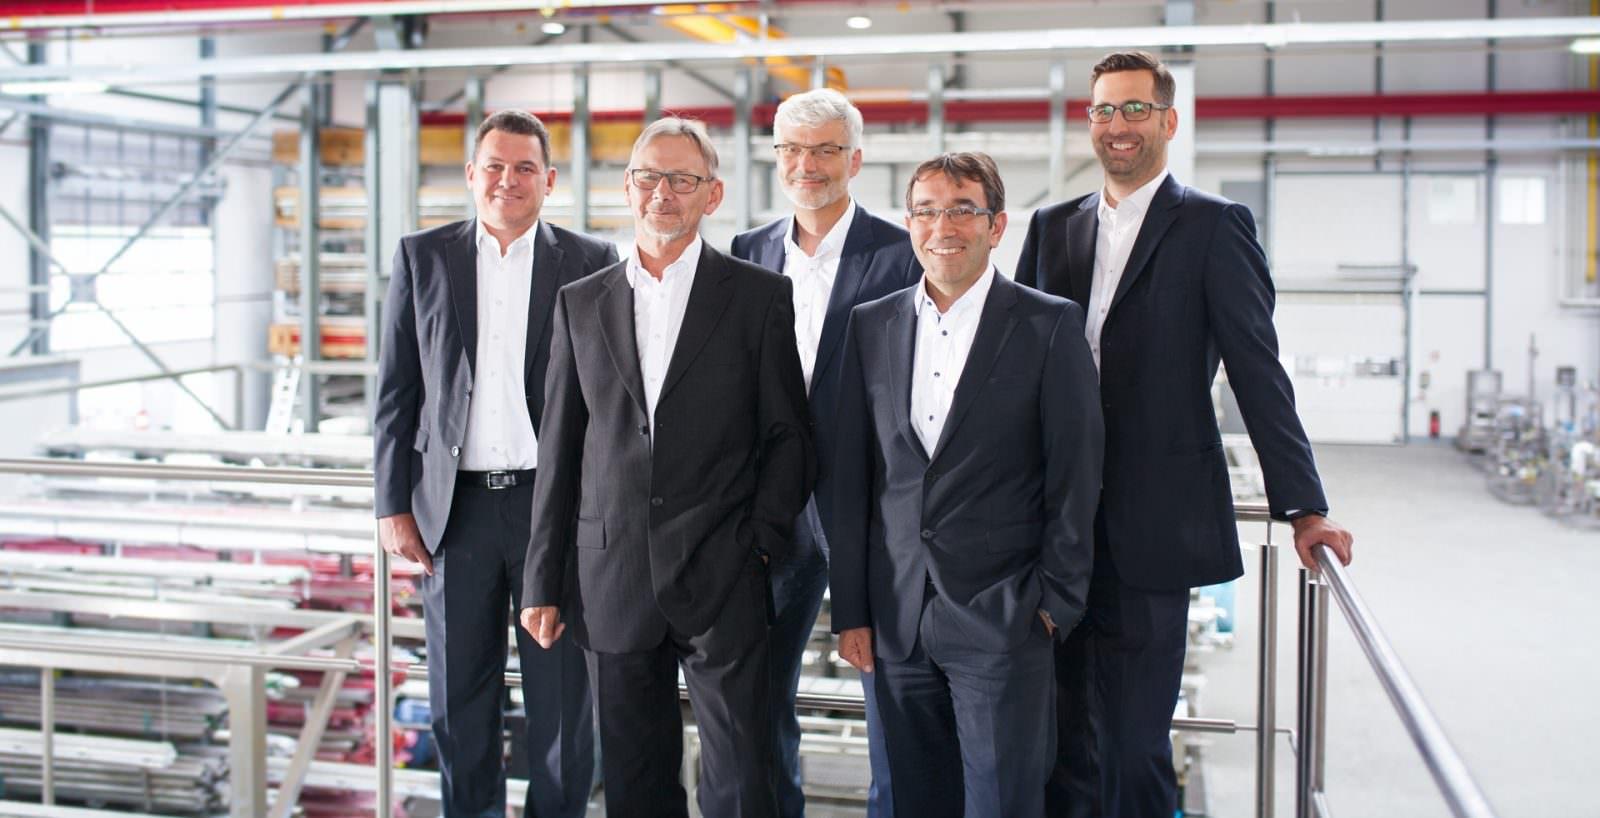 Jürgen Kutzer, Eugen Blaski, Berhard Scheller, Mathias Nauerth, Florian Klein